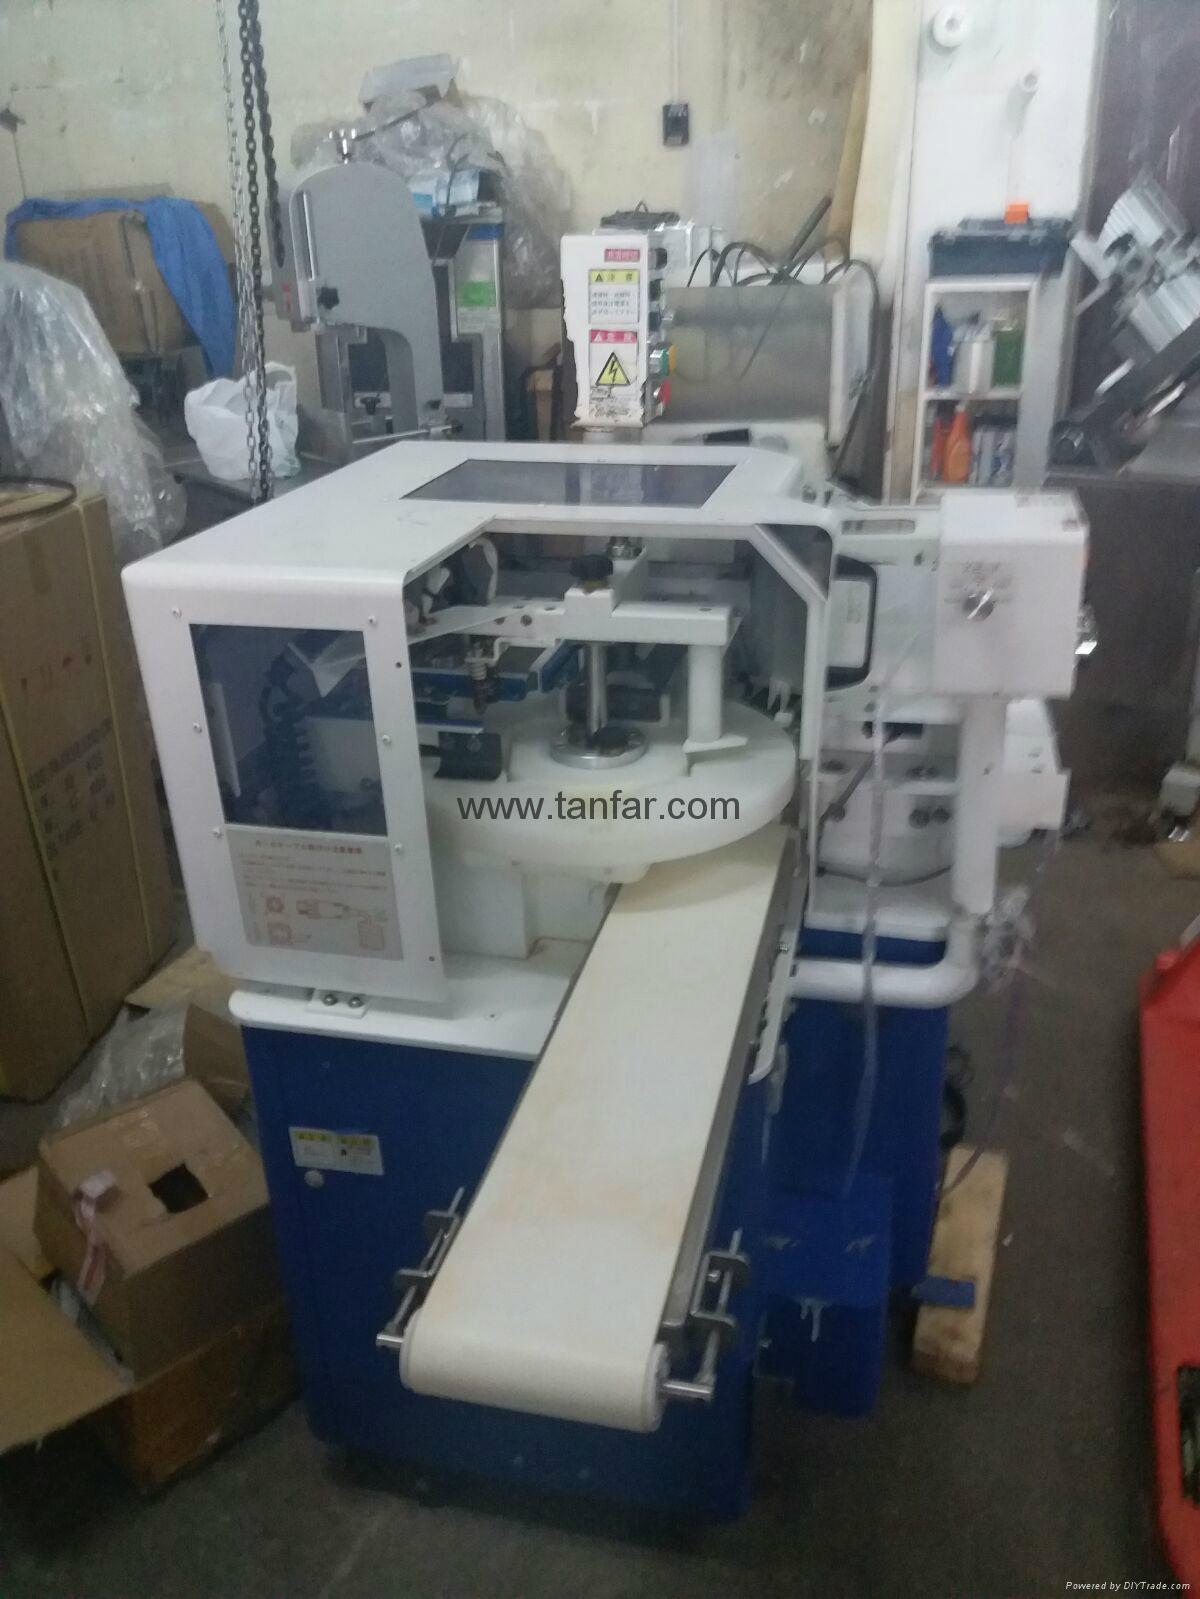 TANFAR VACUUM PACKING MACHINE 12